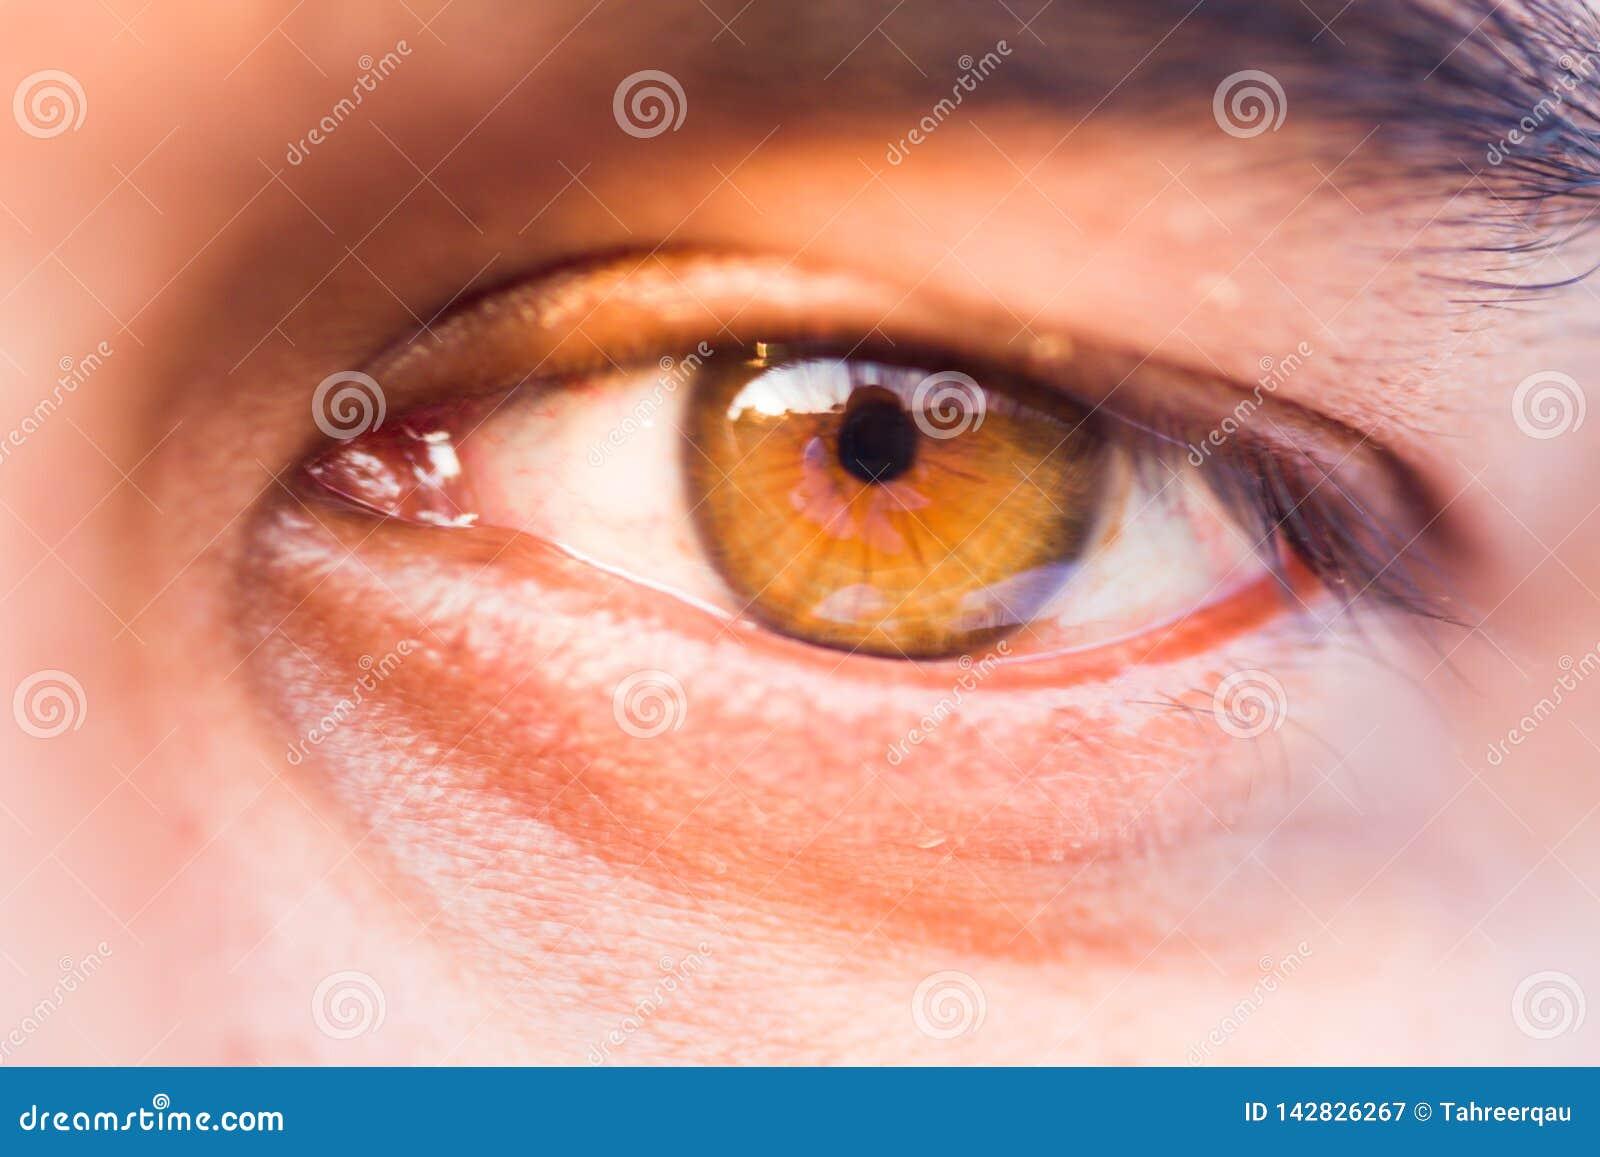 Macro de un ojo humano